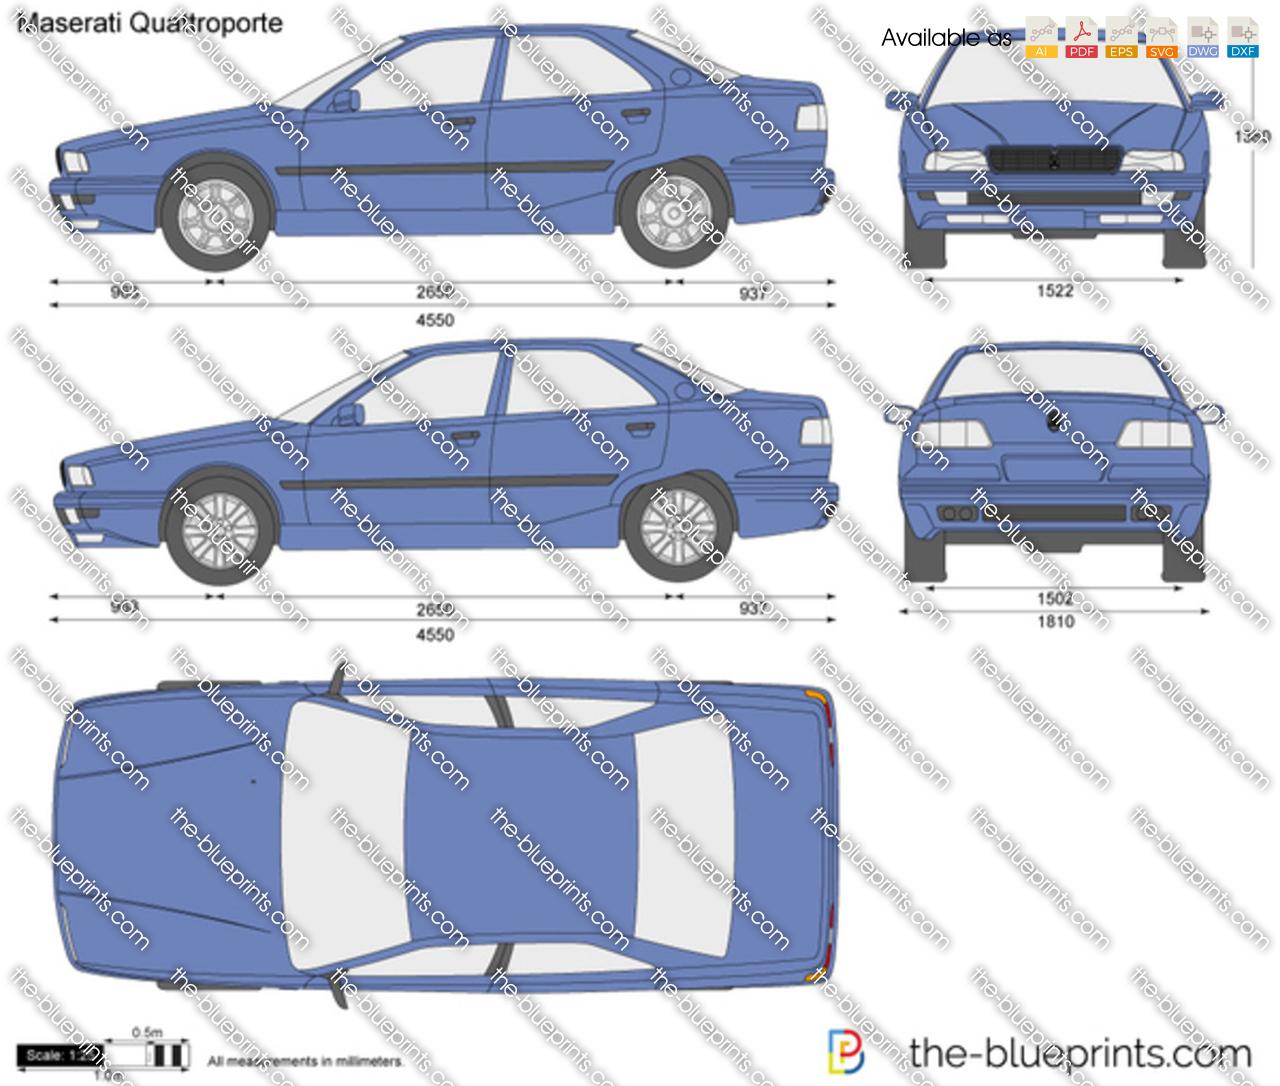 Maserati Quattroporte 2000